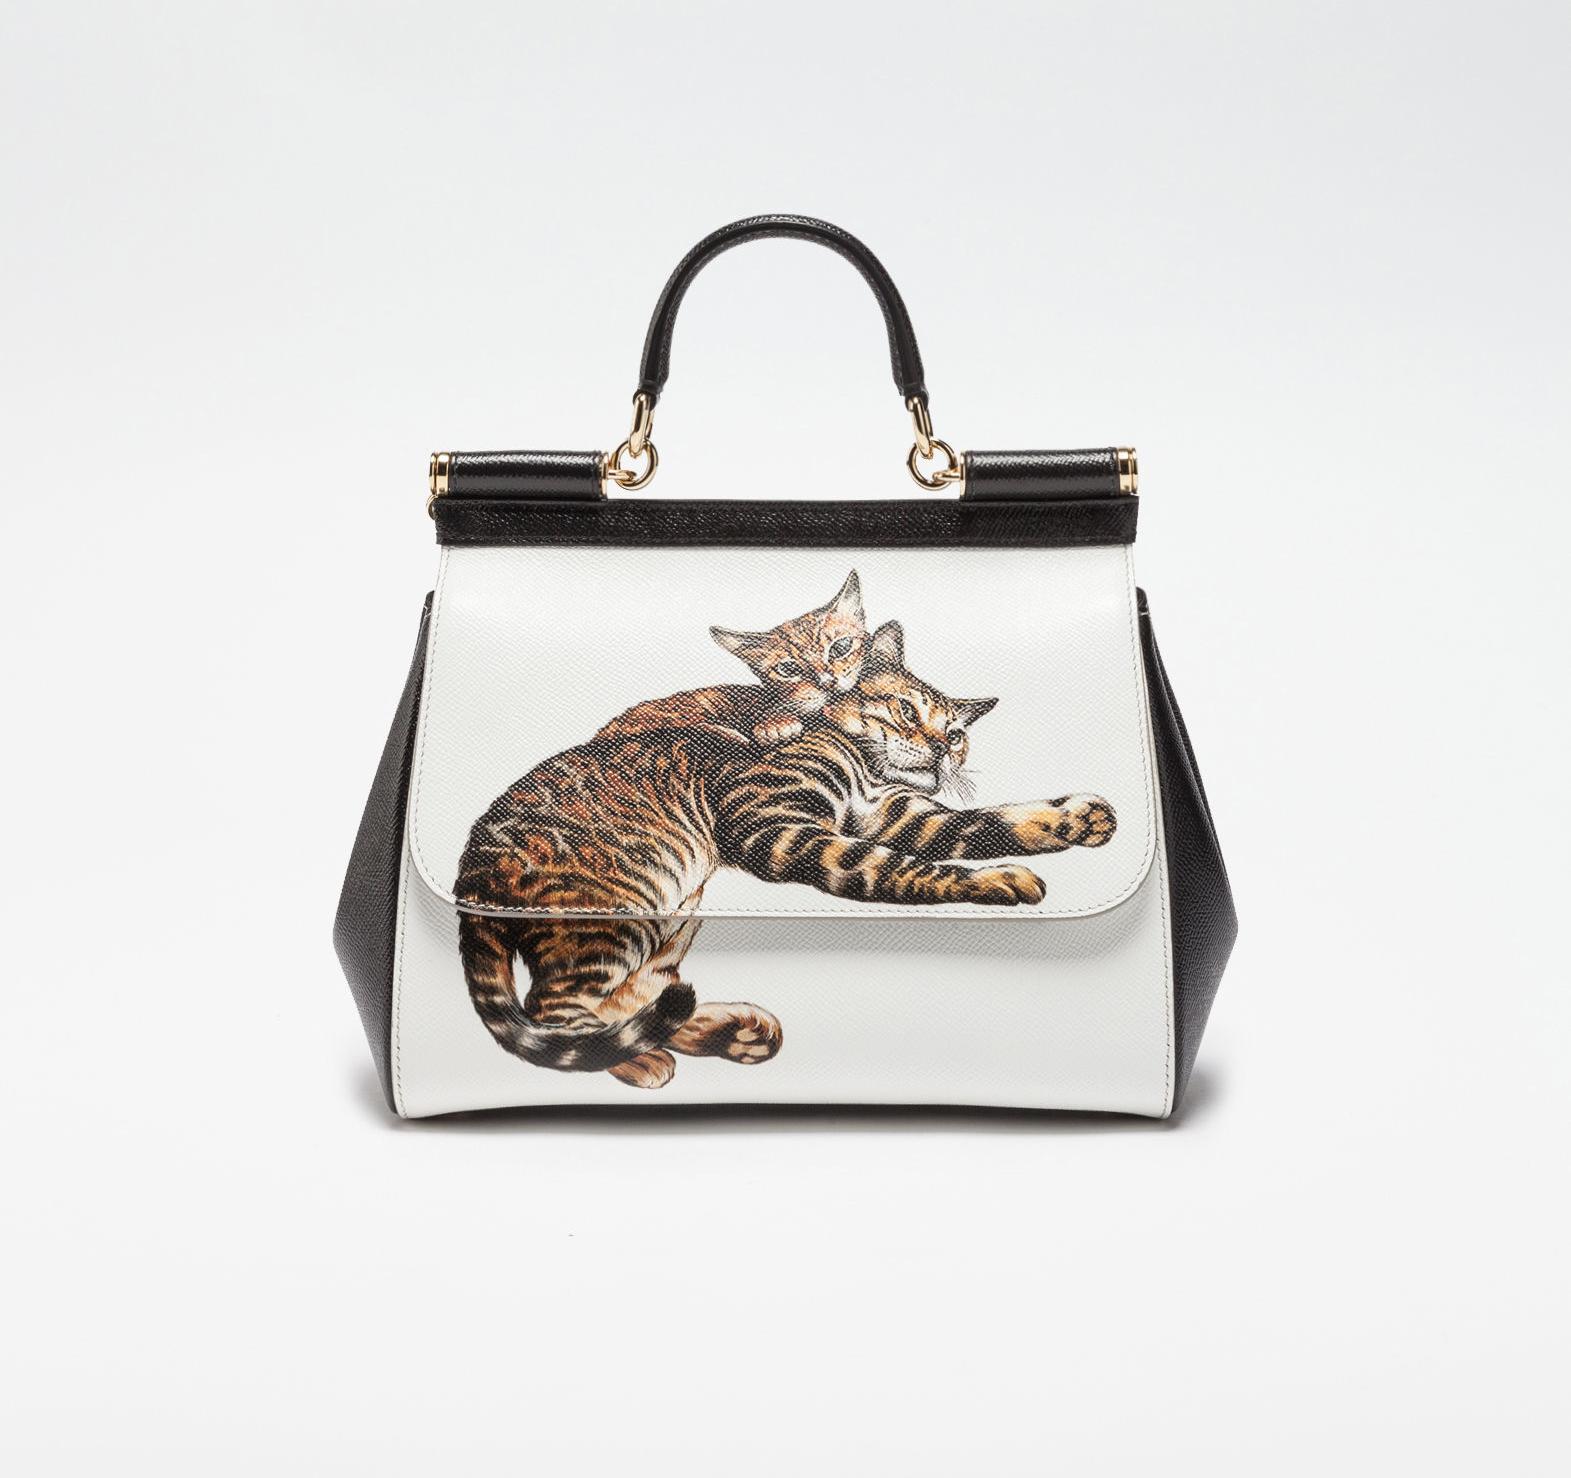 Dolce & Gabbana $2,495